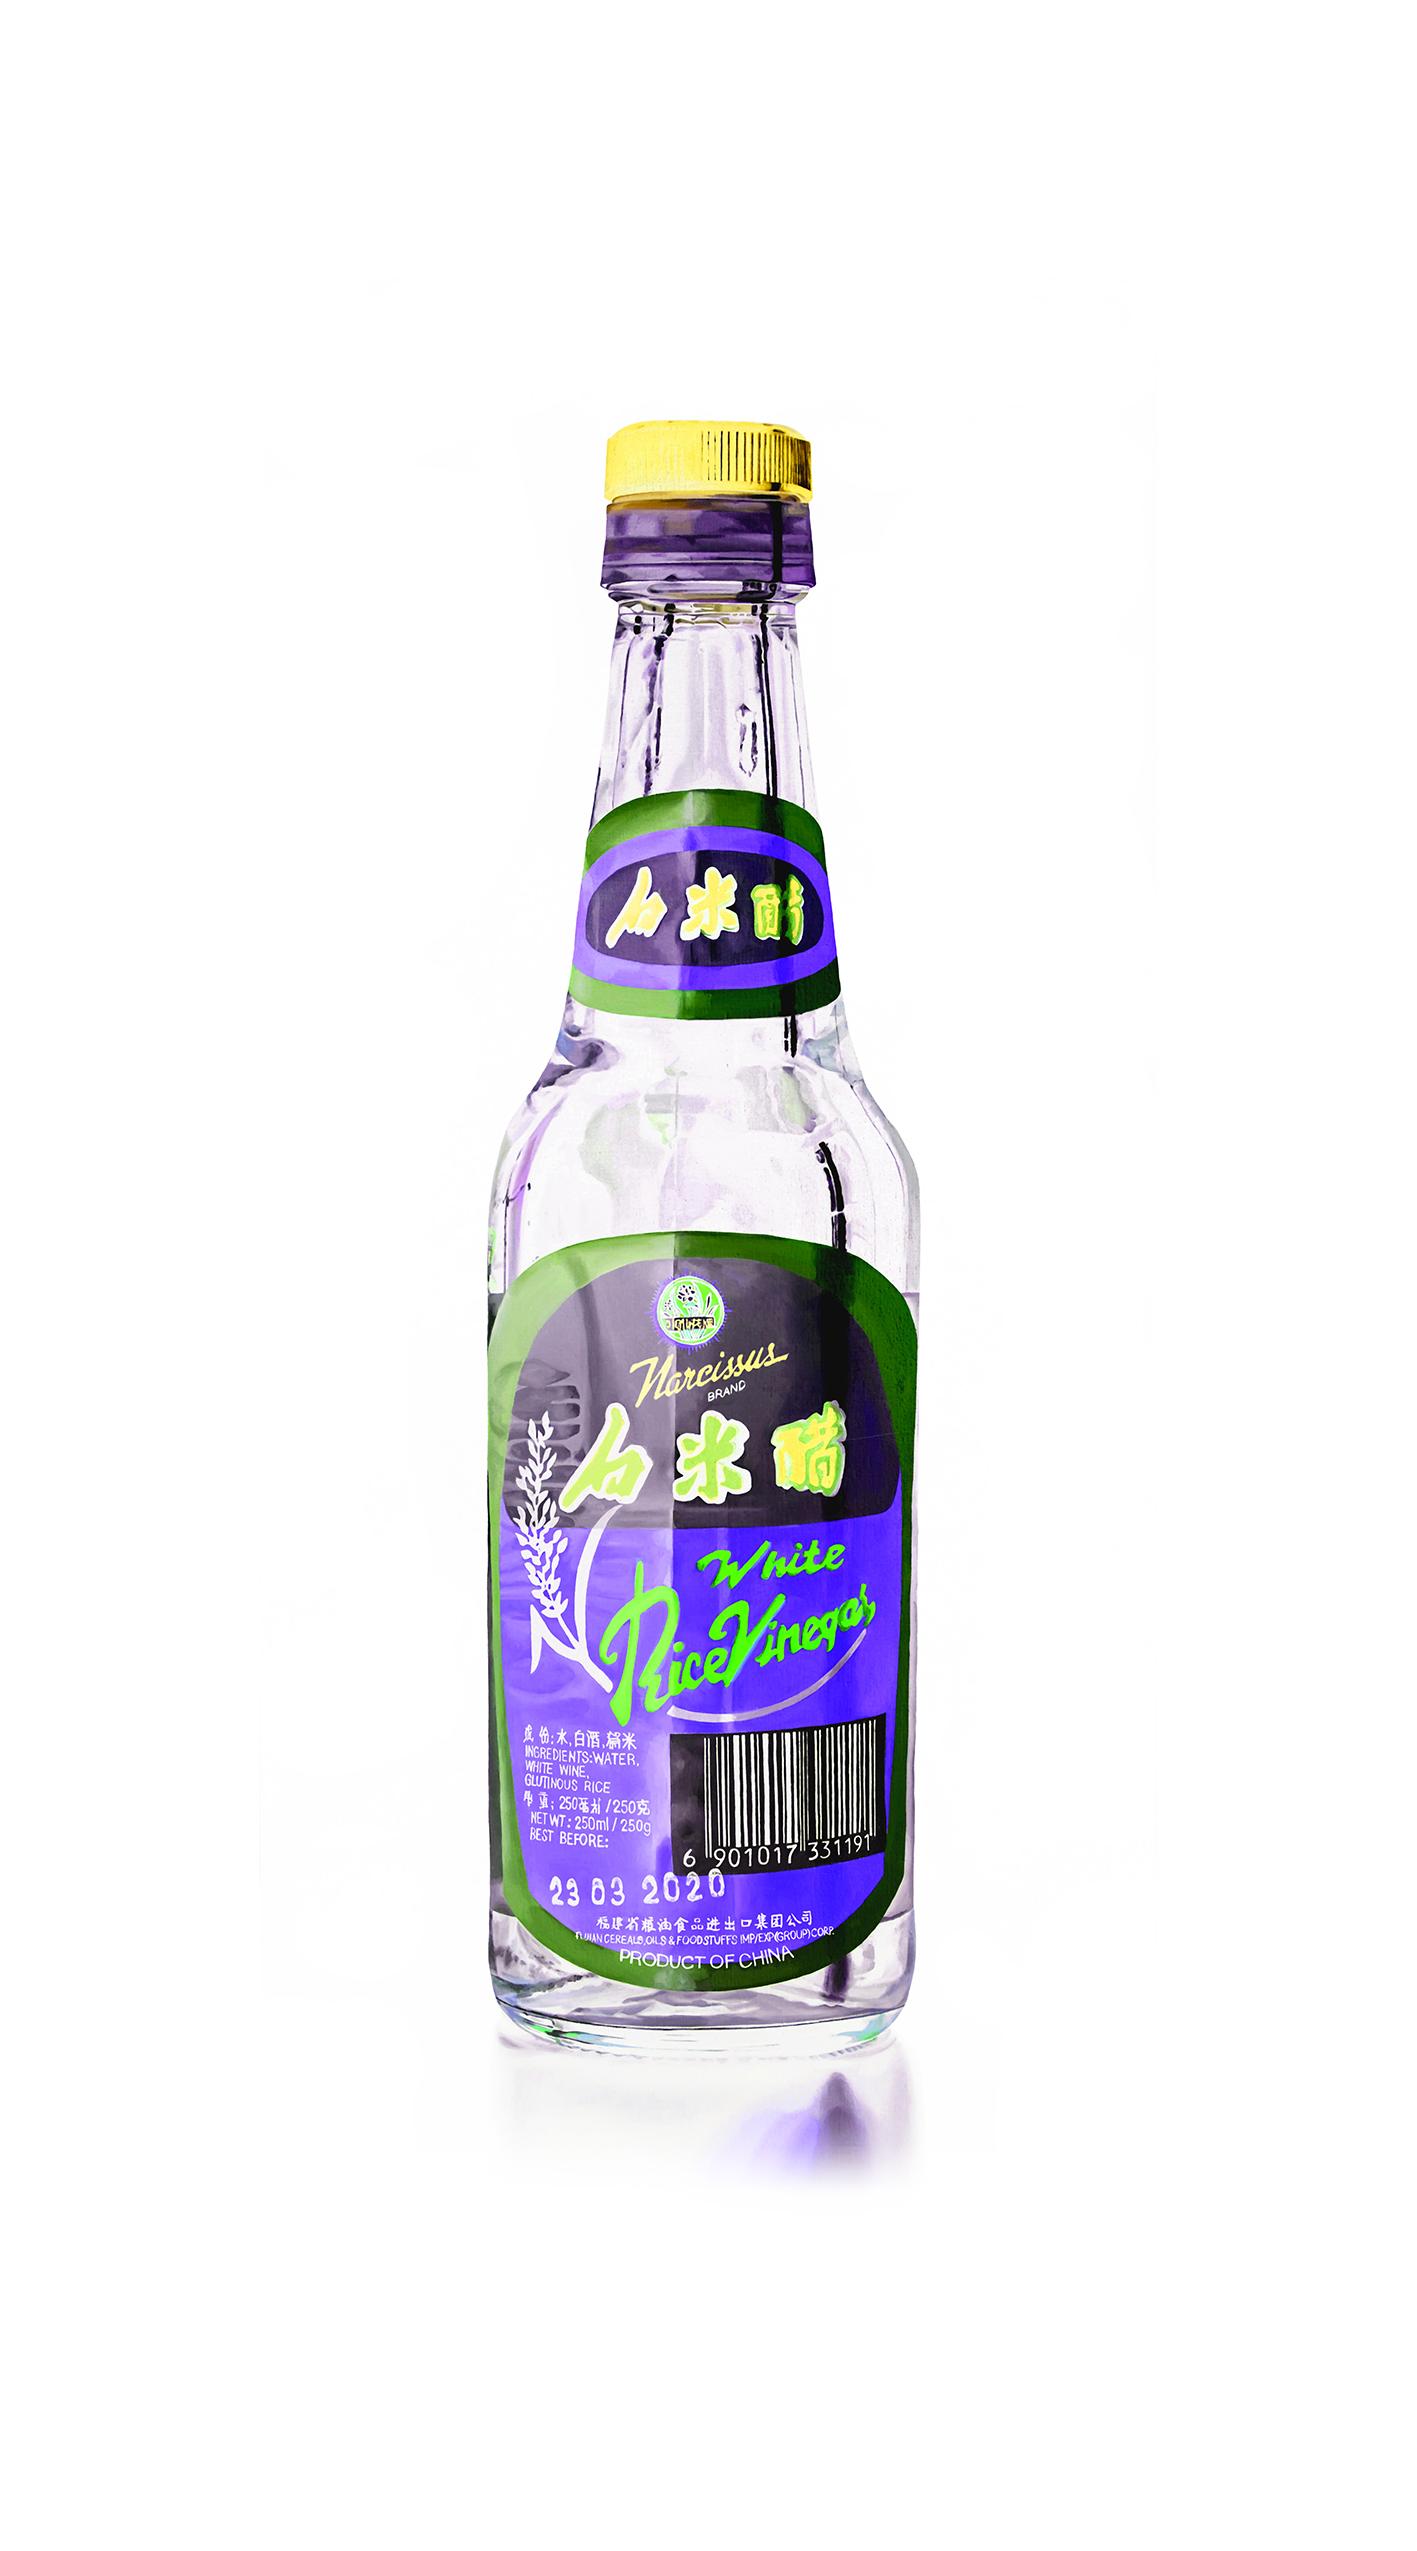 Bottle #2a